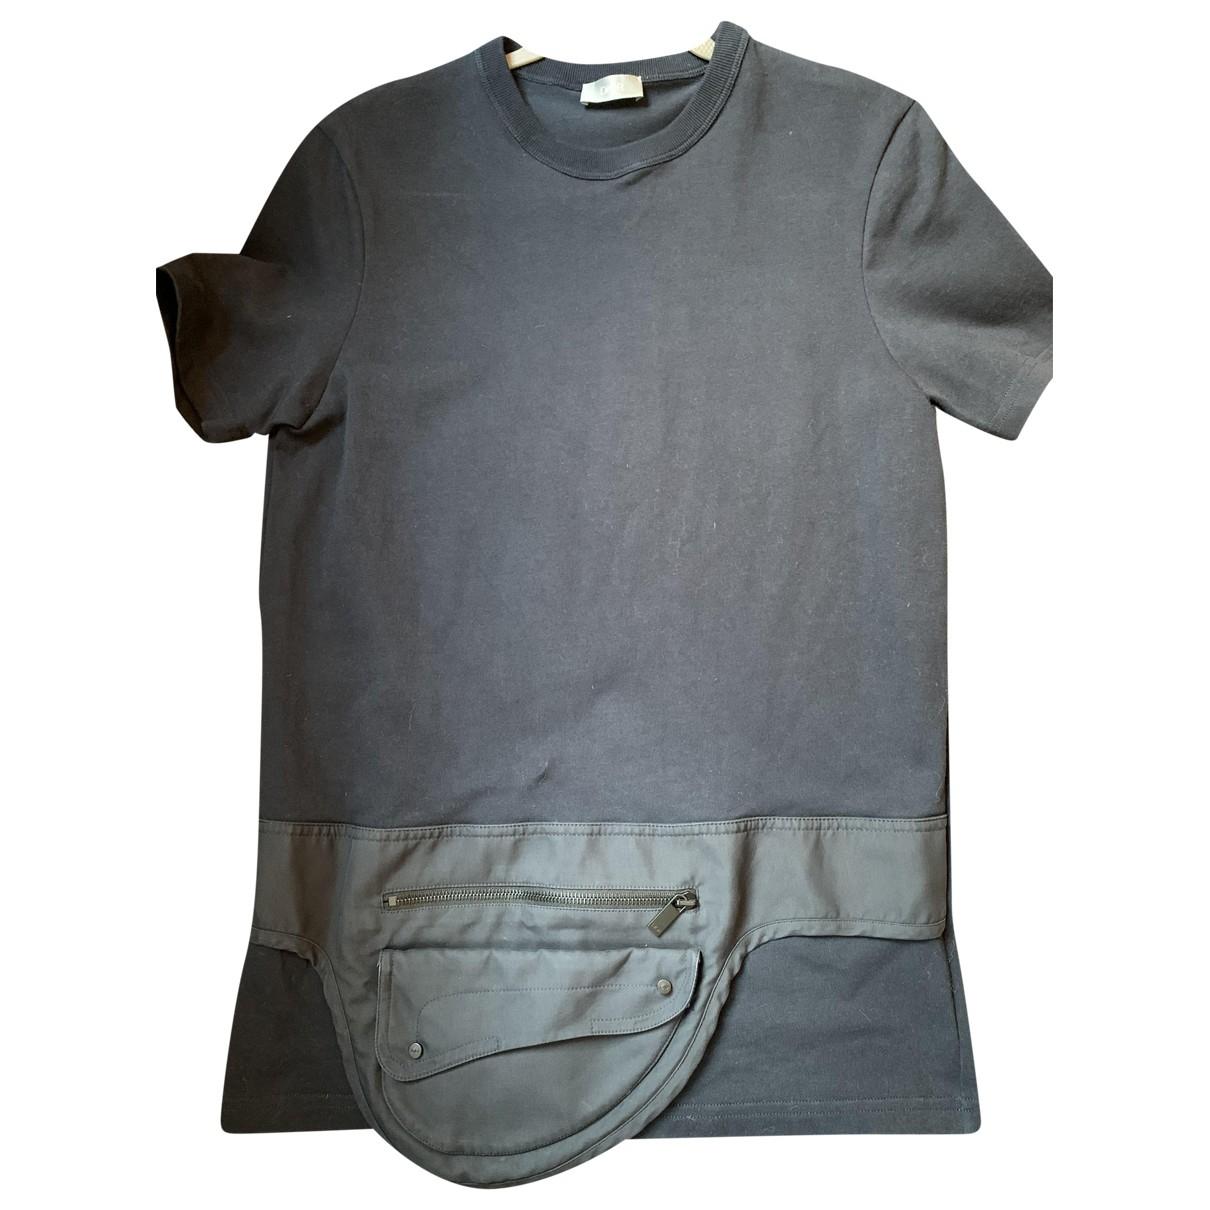 Dior Homme - Tee shirts   pour homme en coton - noir